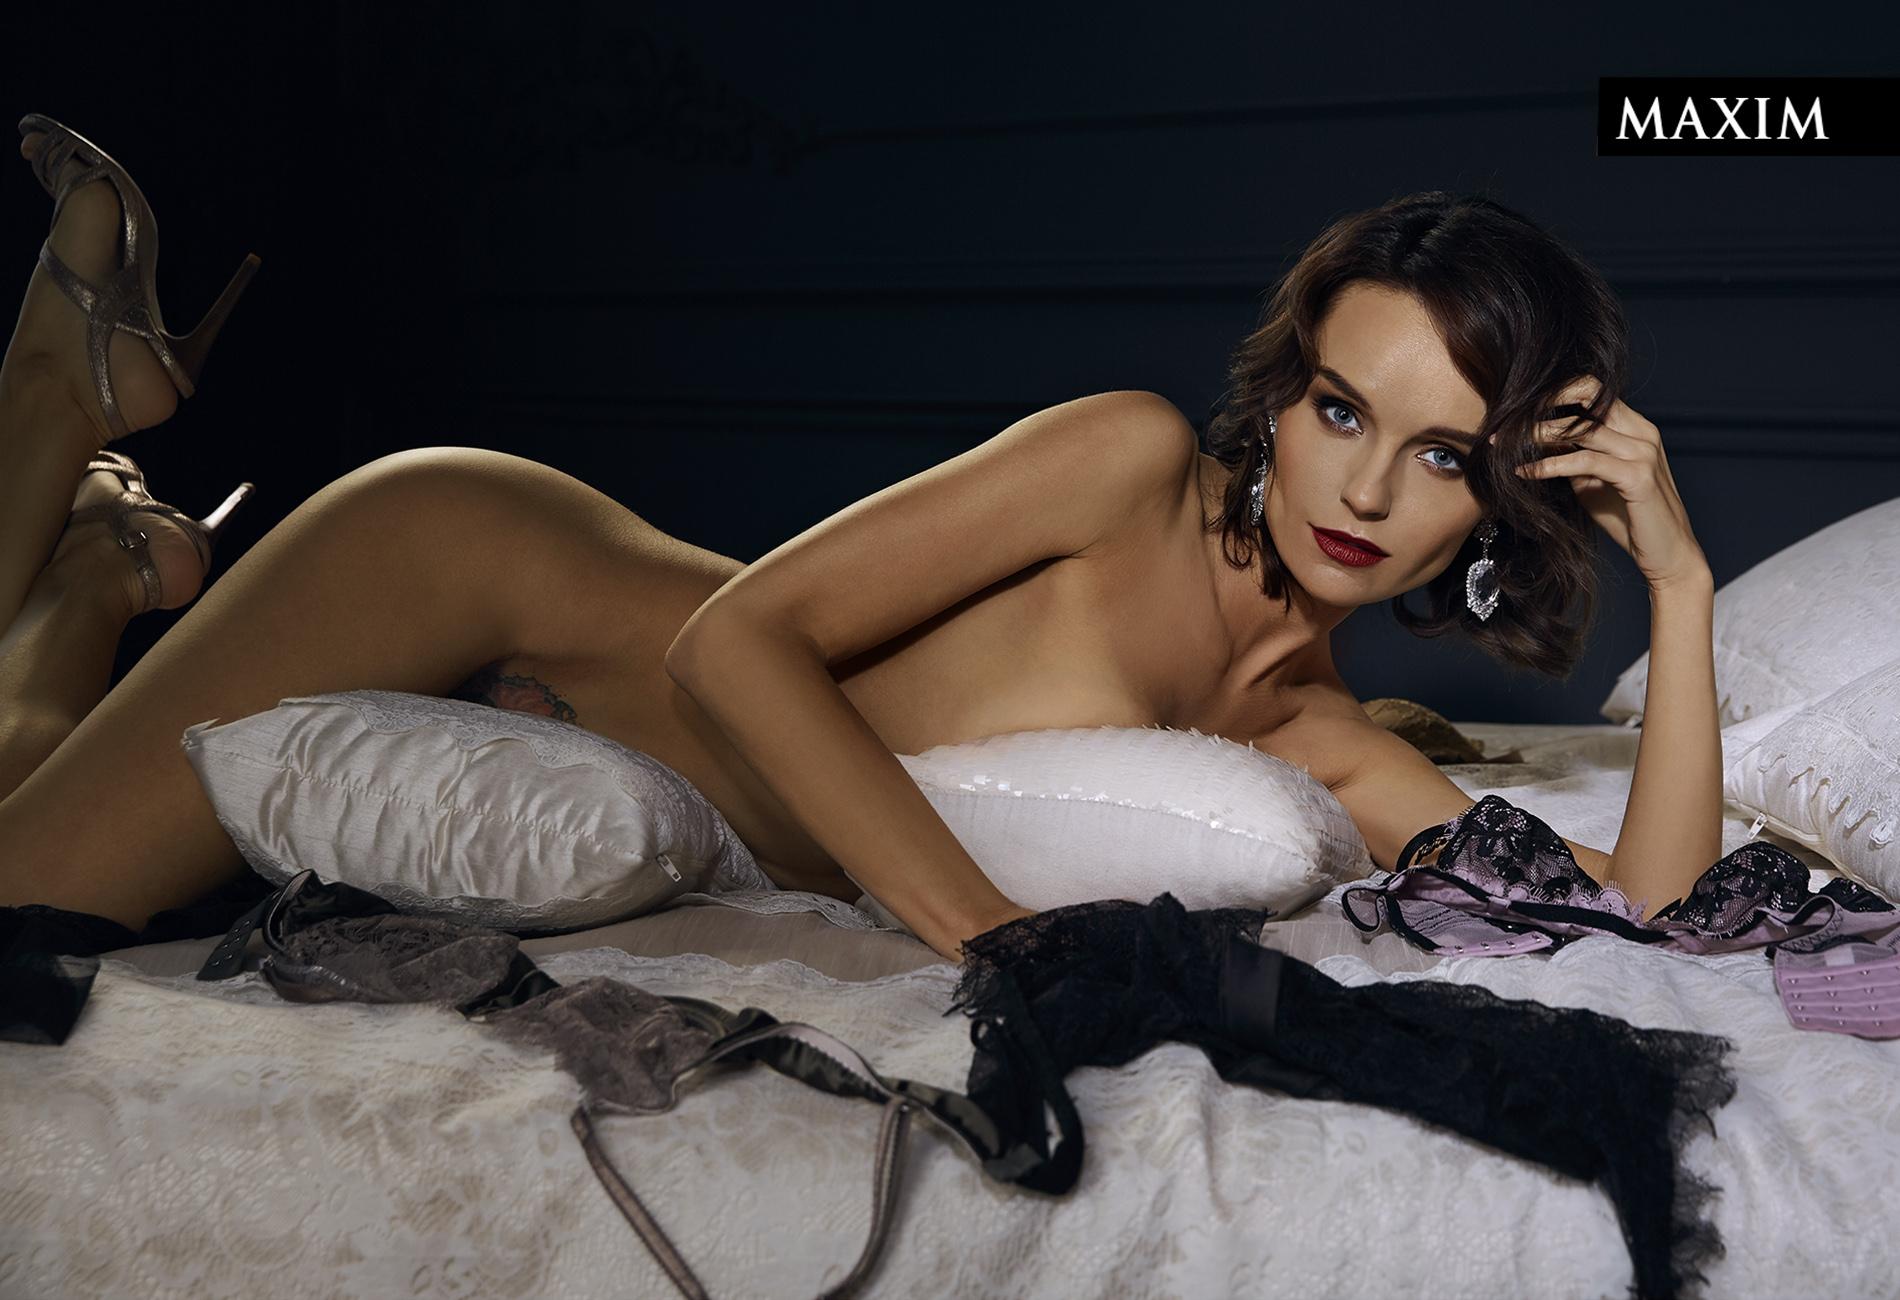 Девушка порно фотограф пригласила к себе на фотосессию